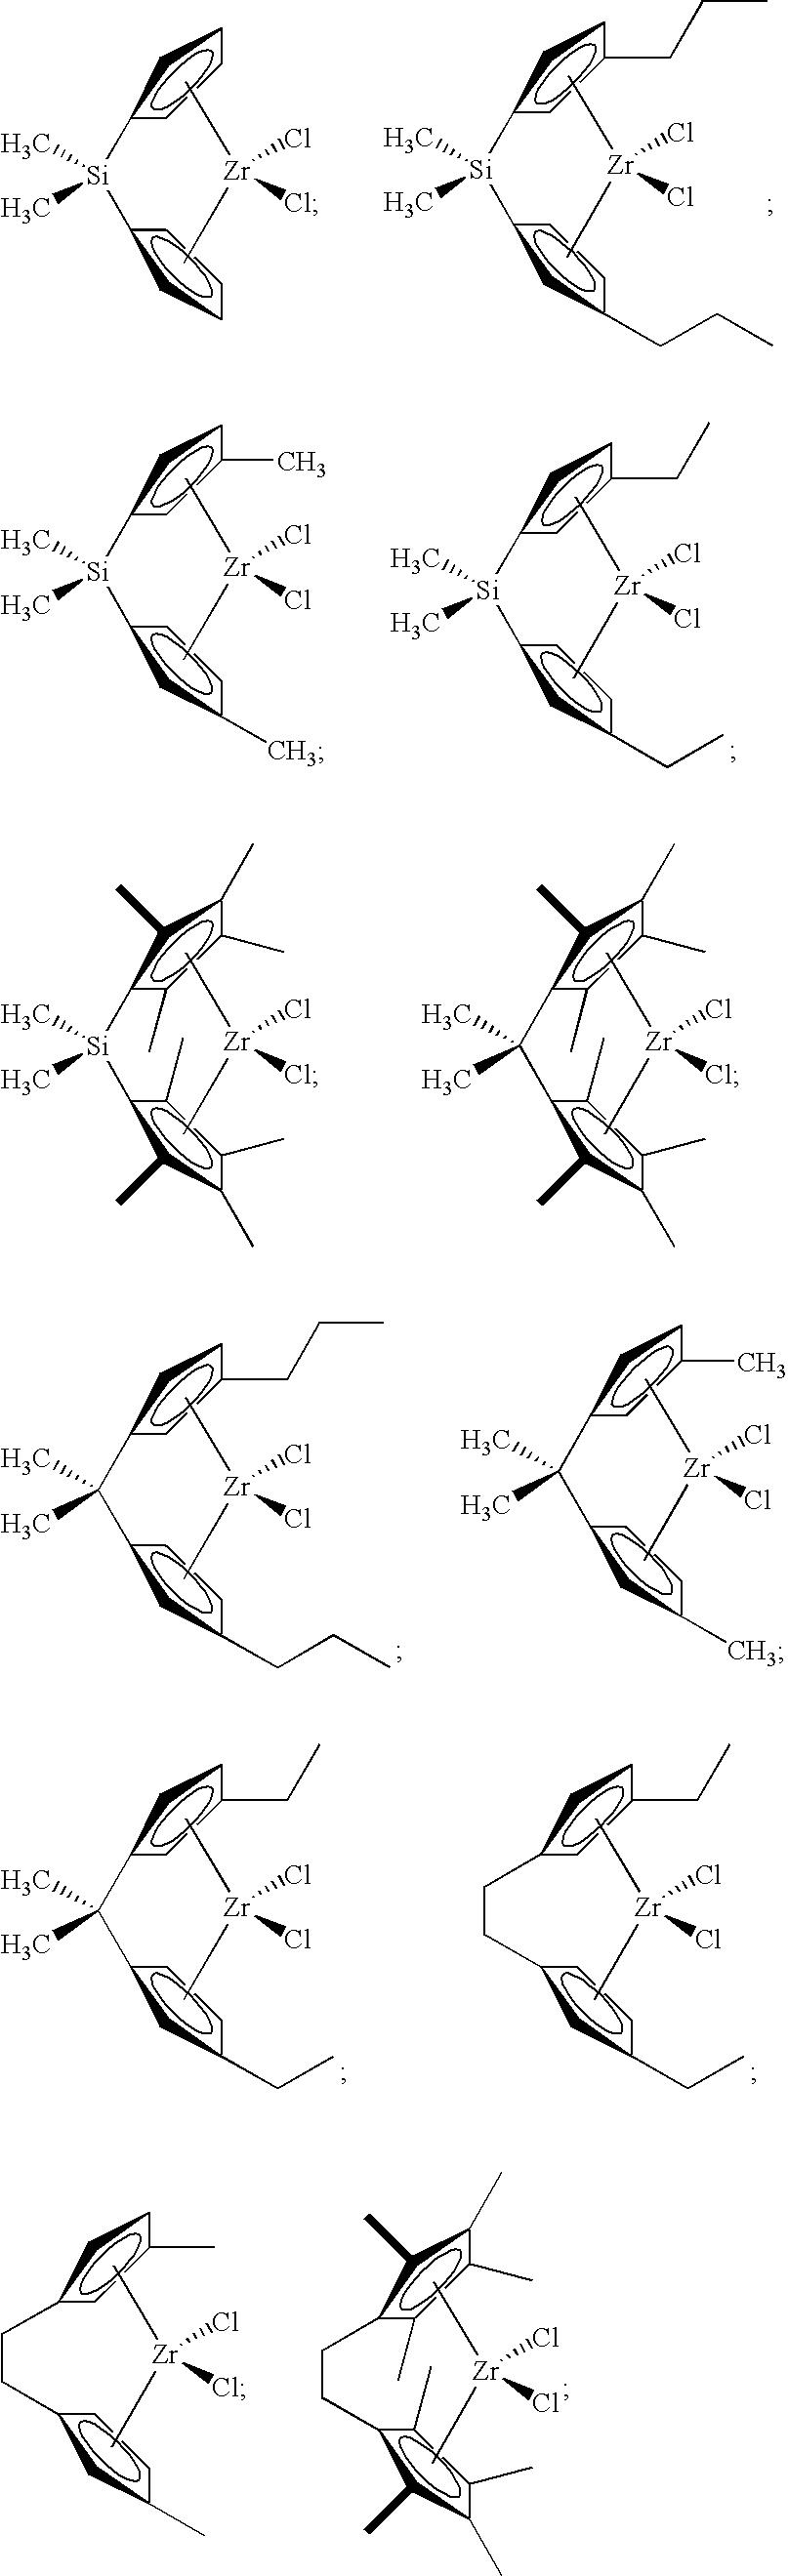 Figure US08030241-20111004-C00006